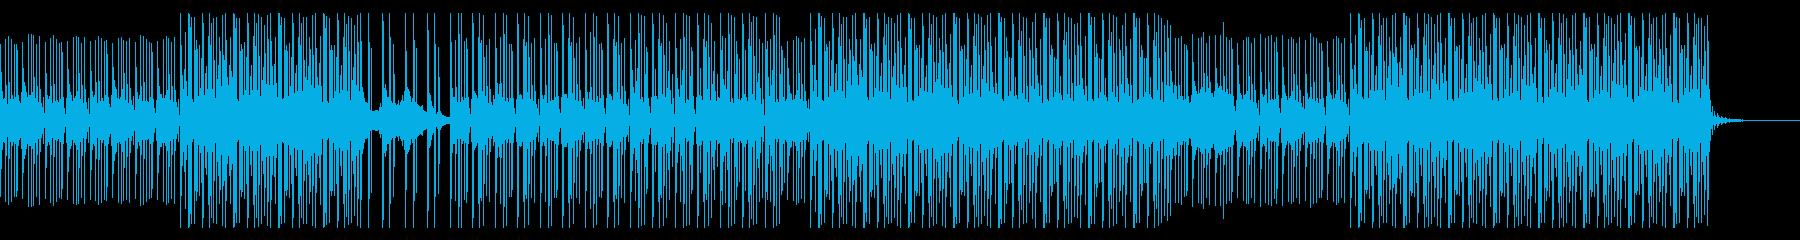 和風ダークヒップホップ7(三味線)の再生済みの波形